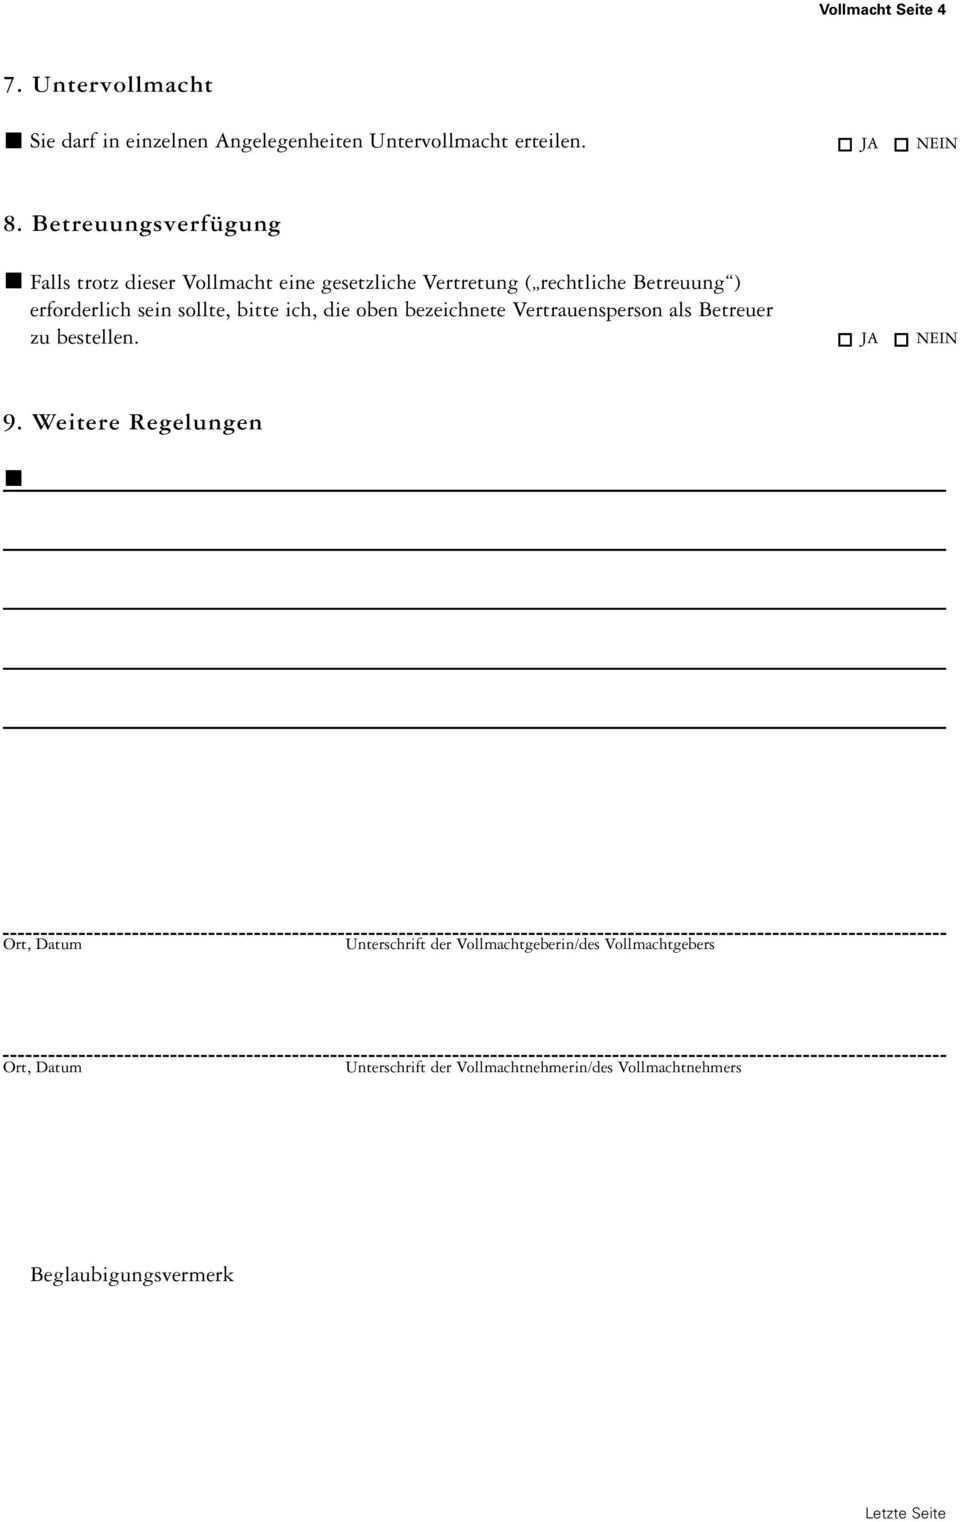 Konto Depotvollmacht Vorsorgevollmacht Pdf Free Download